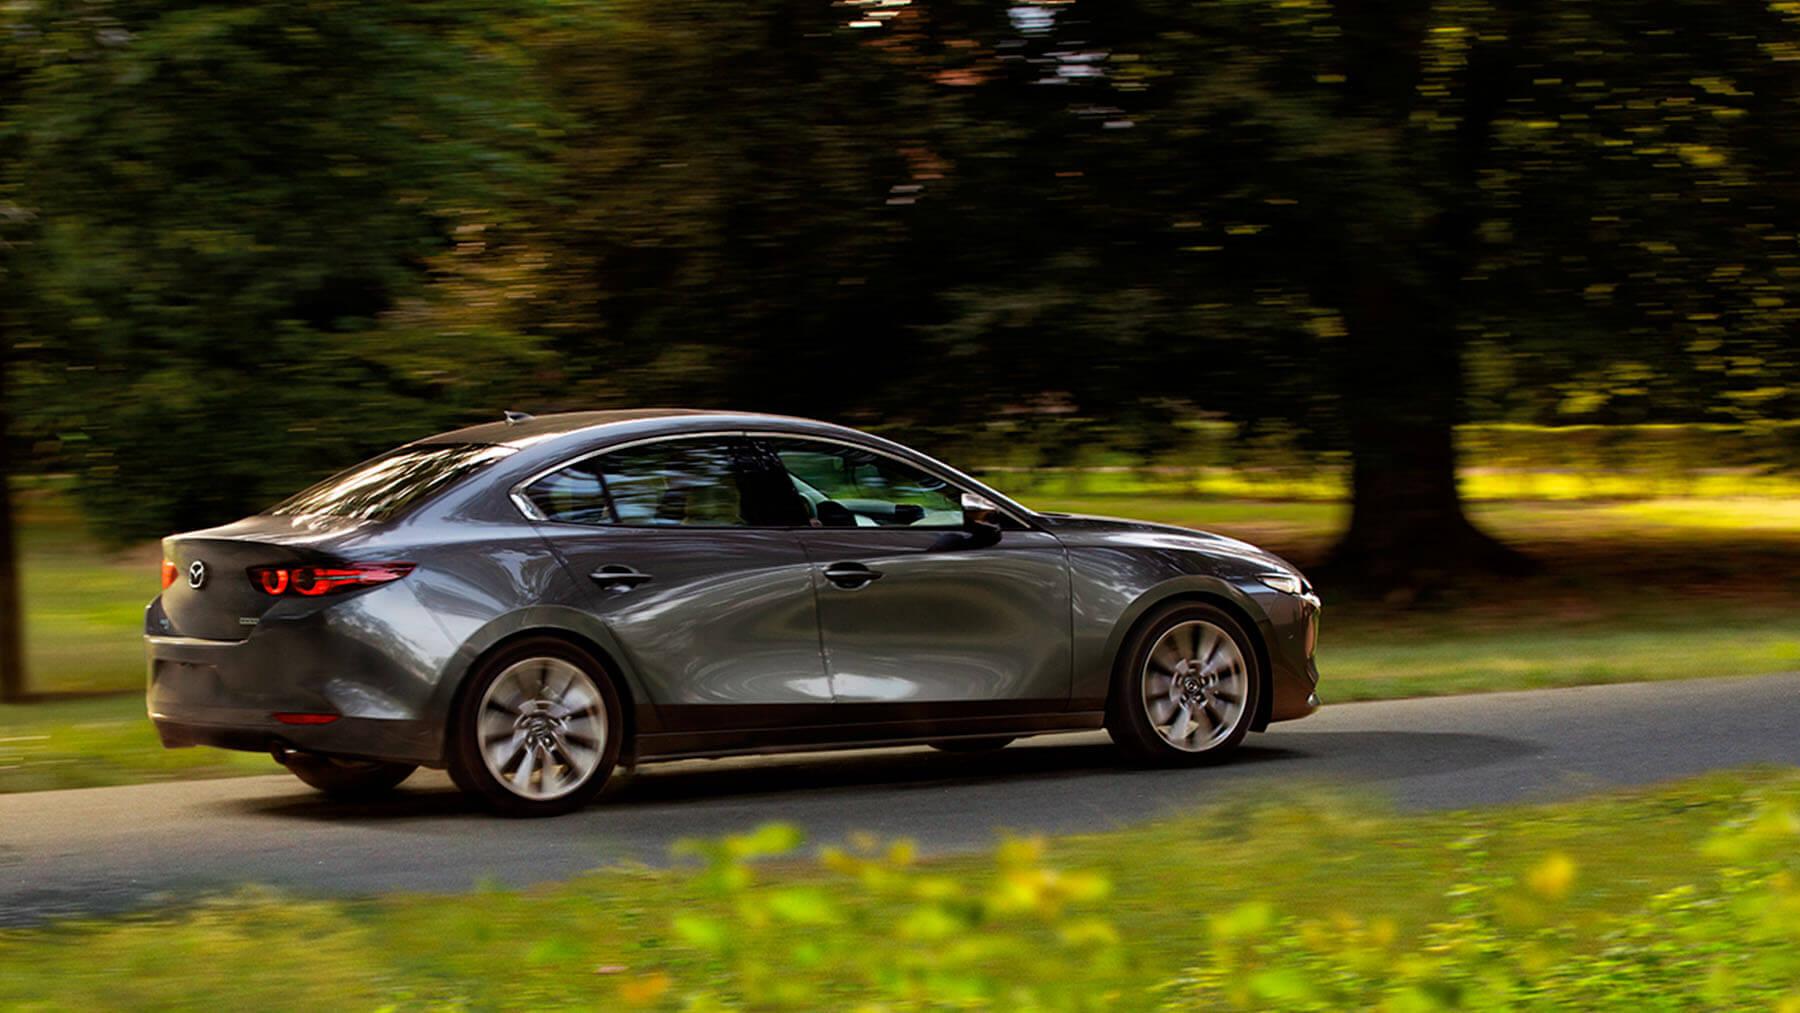 Mazda All-New Mazda3 Sedán V 2.0 7G 6MT - Galería interior - imágen 0